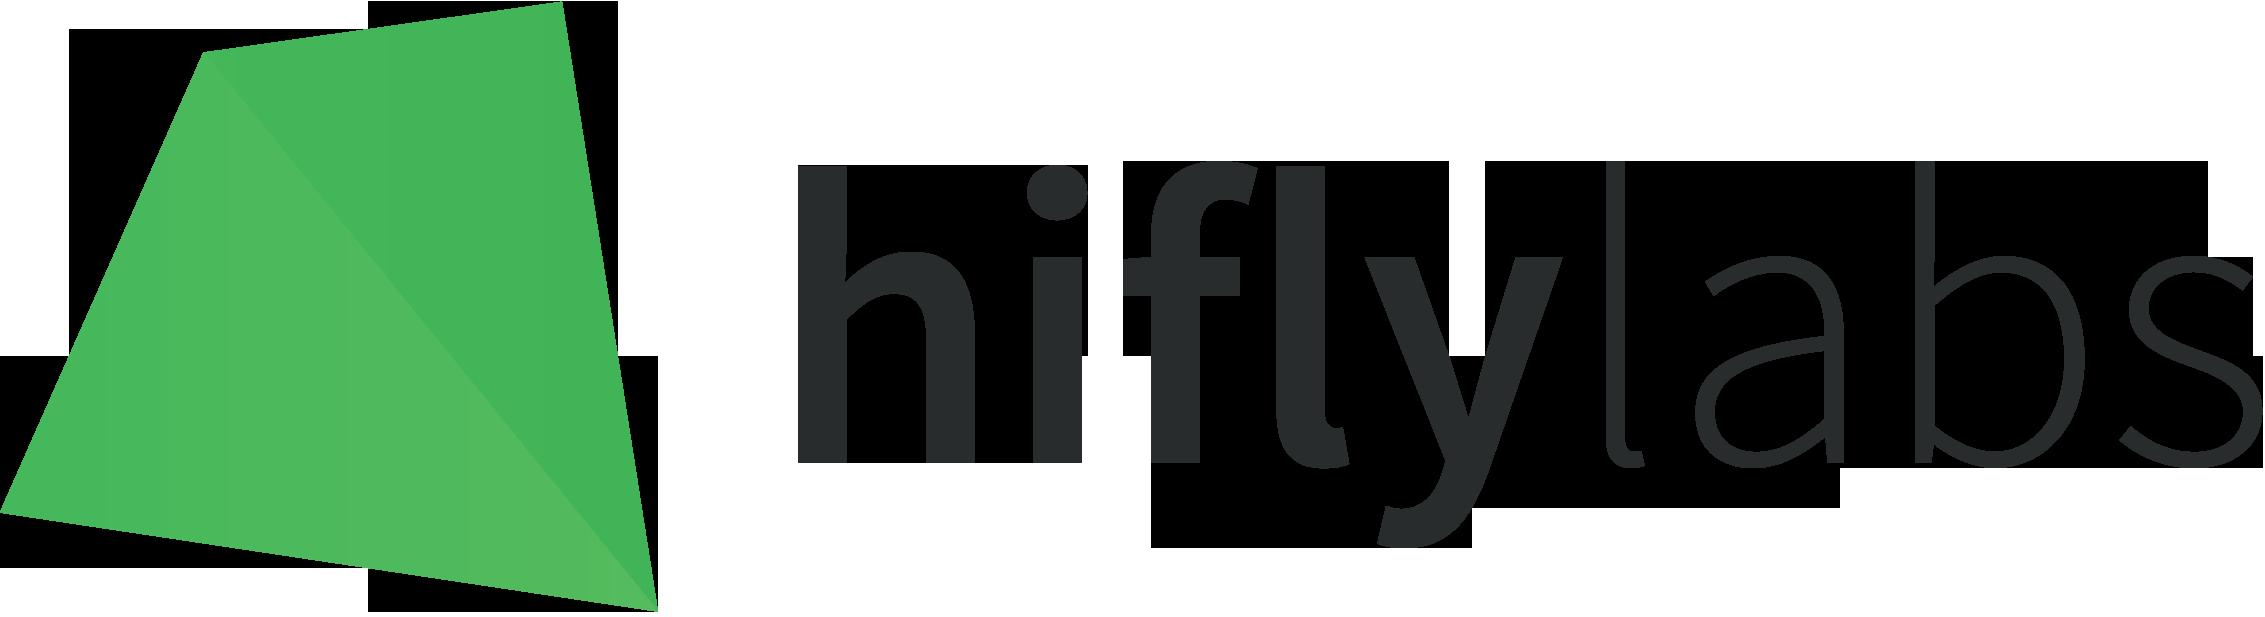 hiflylabs